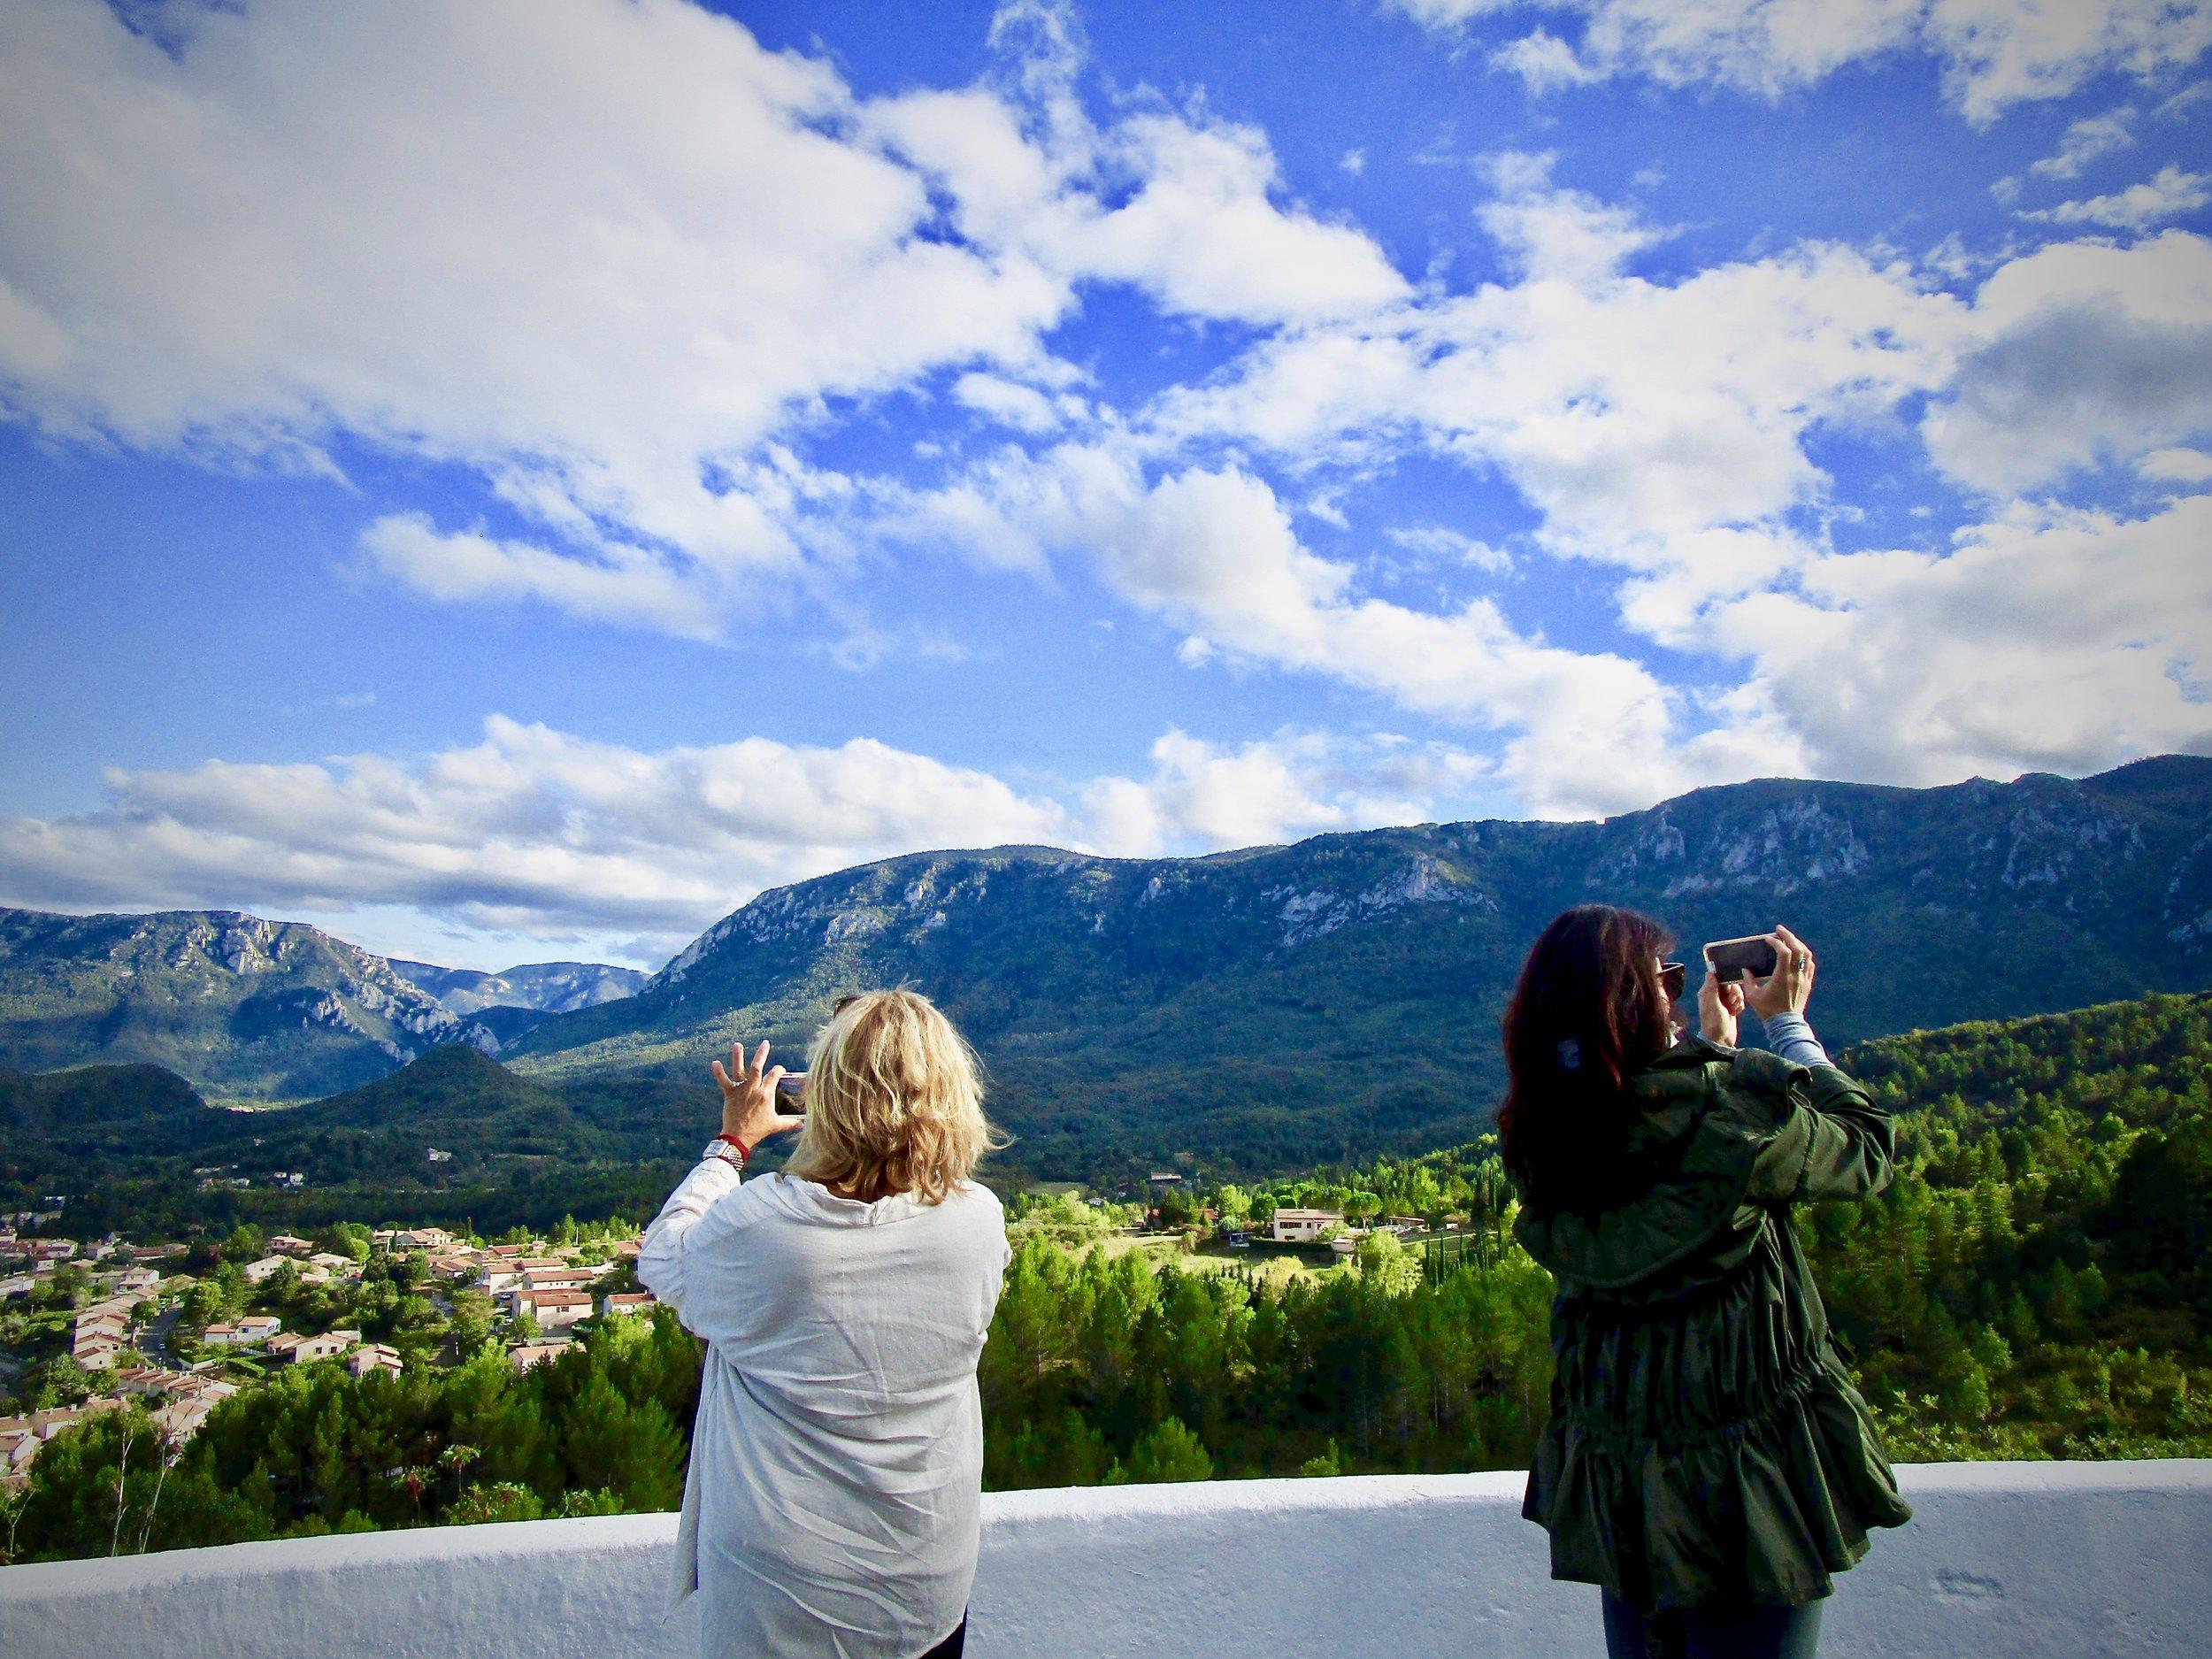 Quillan, France - Taking Tourist Photos 1.jpg